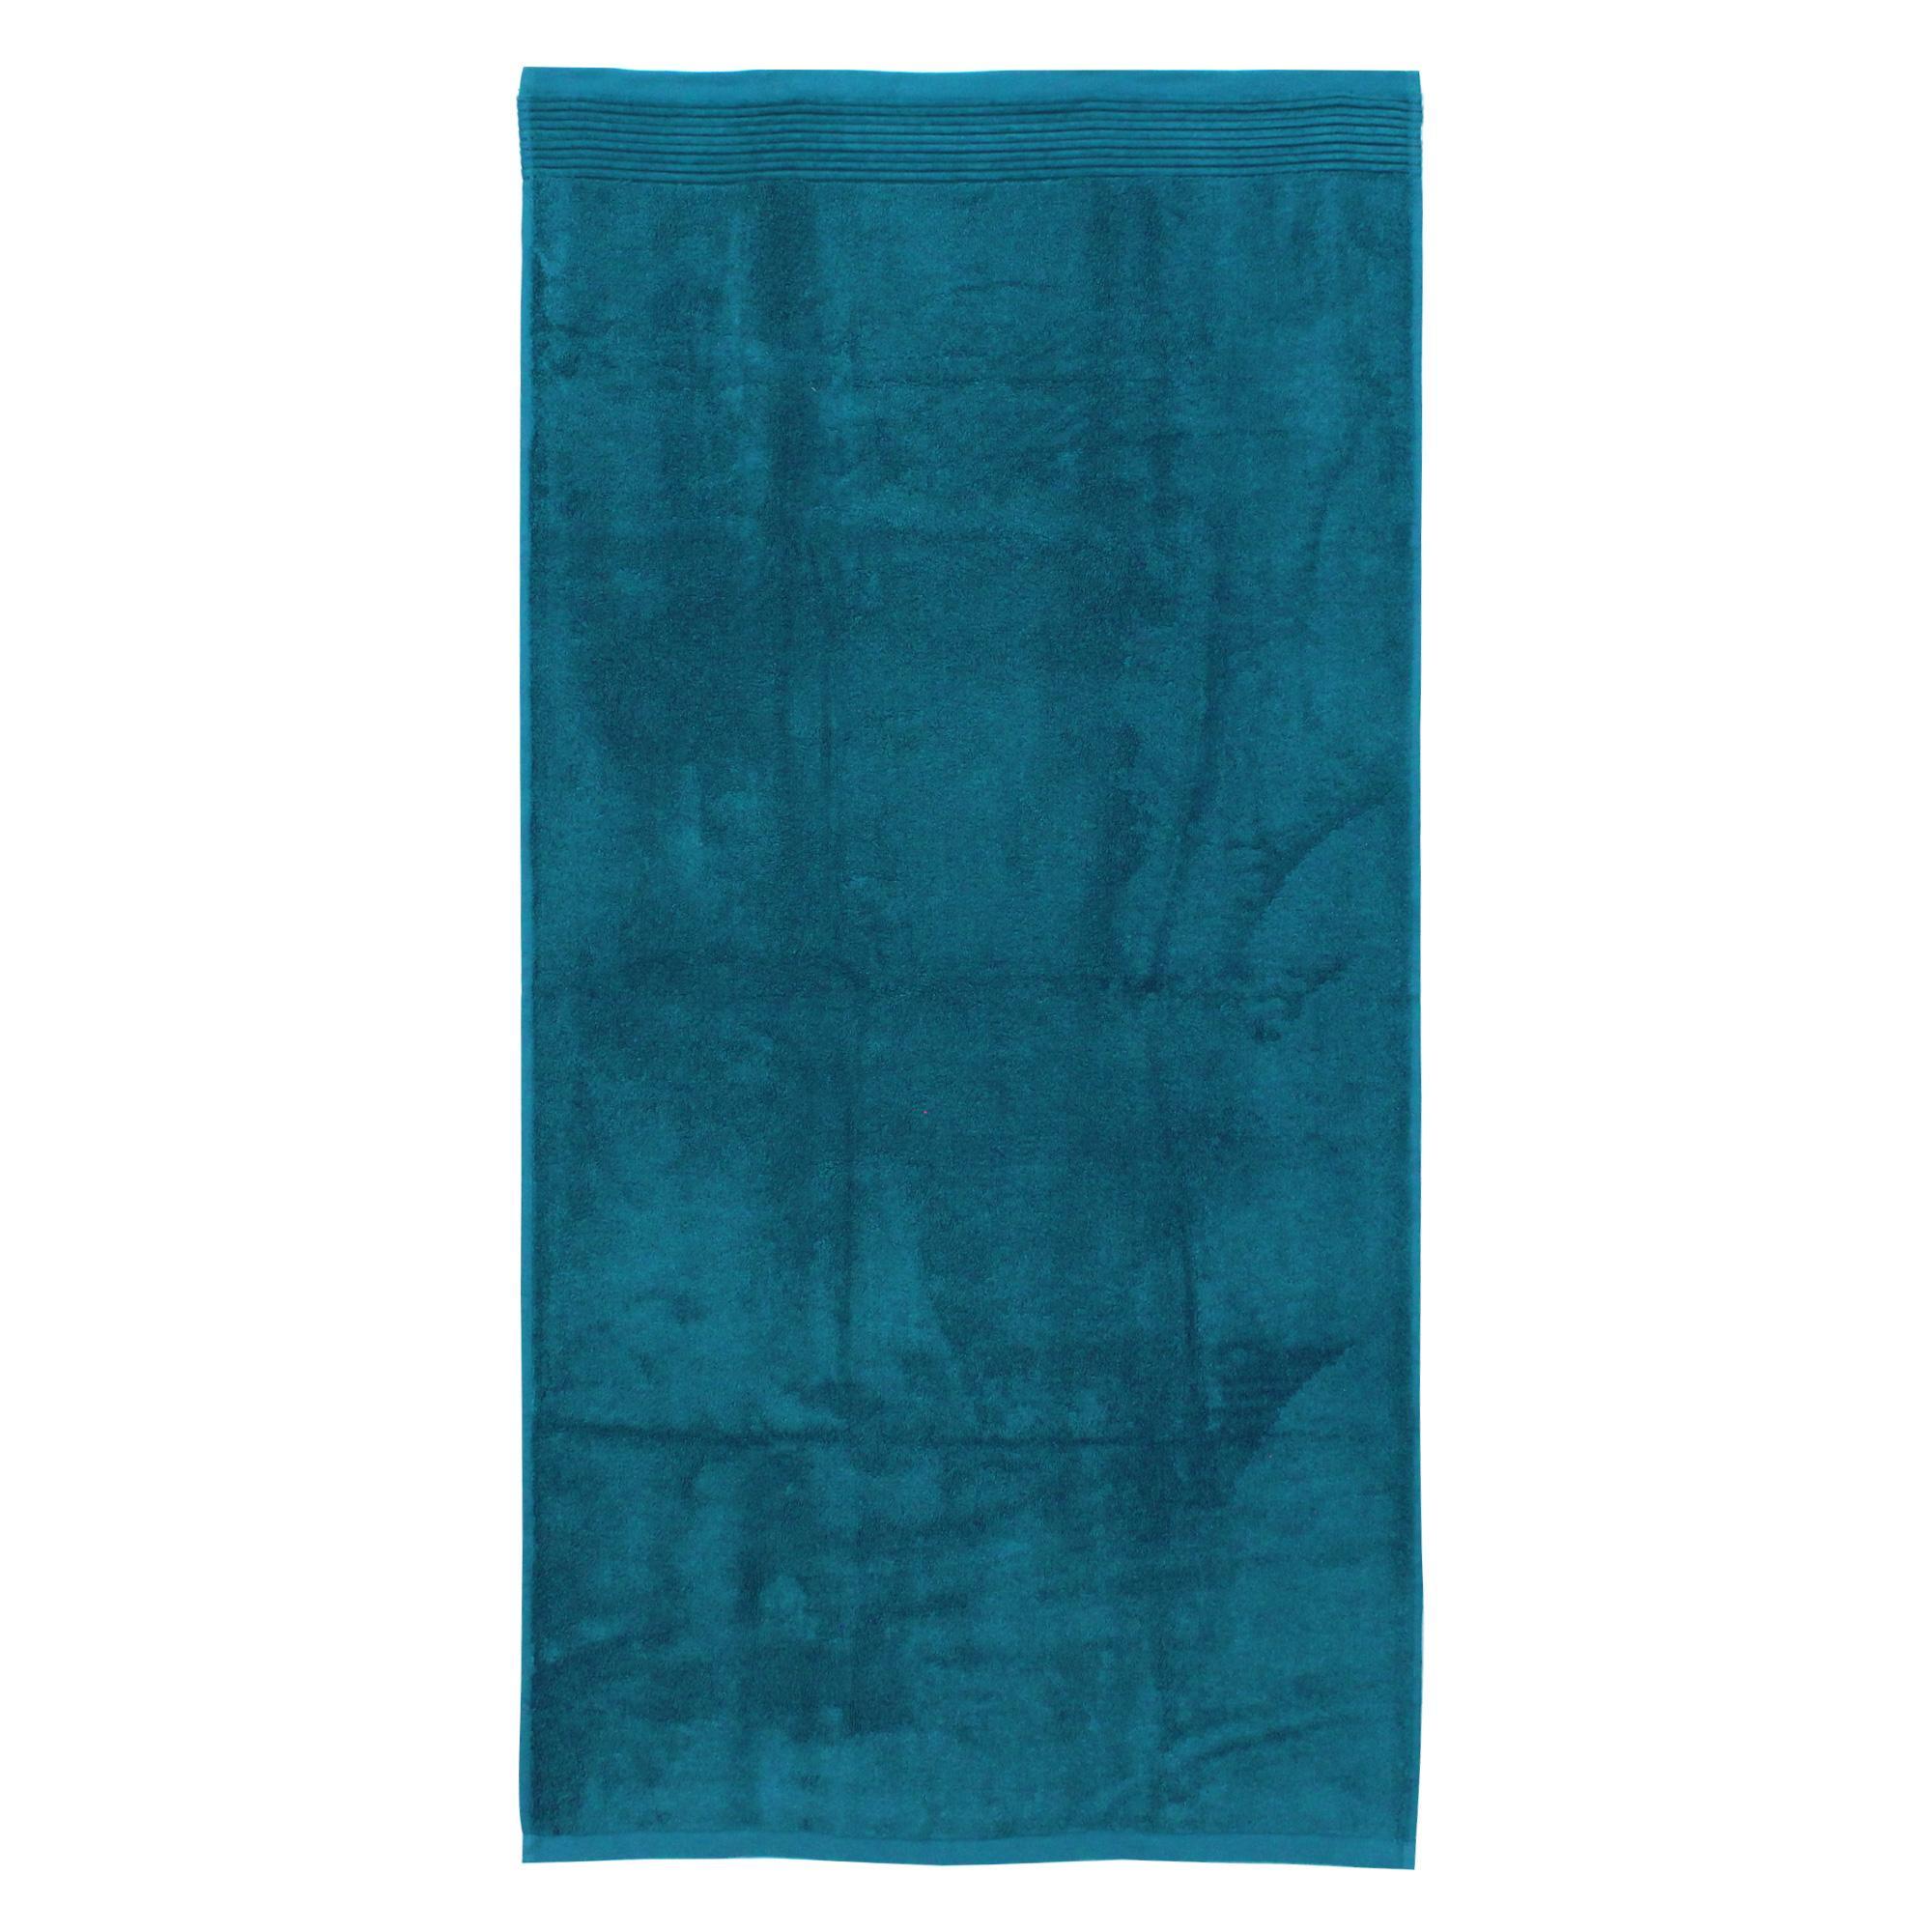 drap de bain 100x150 cm juliet bleu baltic 520 g m2 linnea linge de maison et. Black Bedroom Furniture Sets. Home Design Ideas